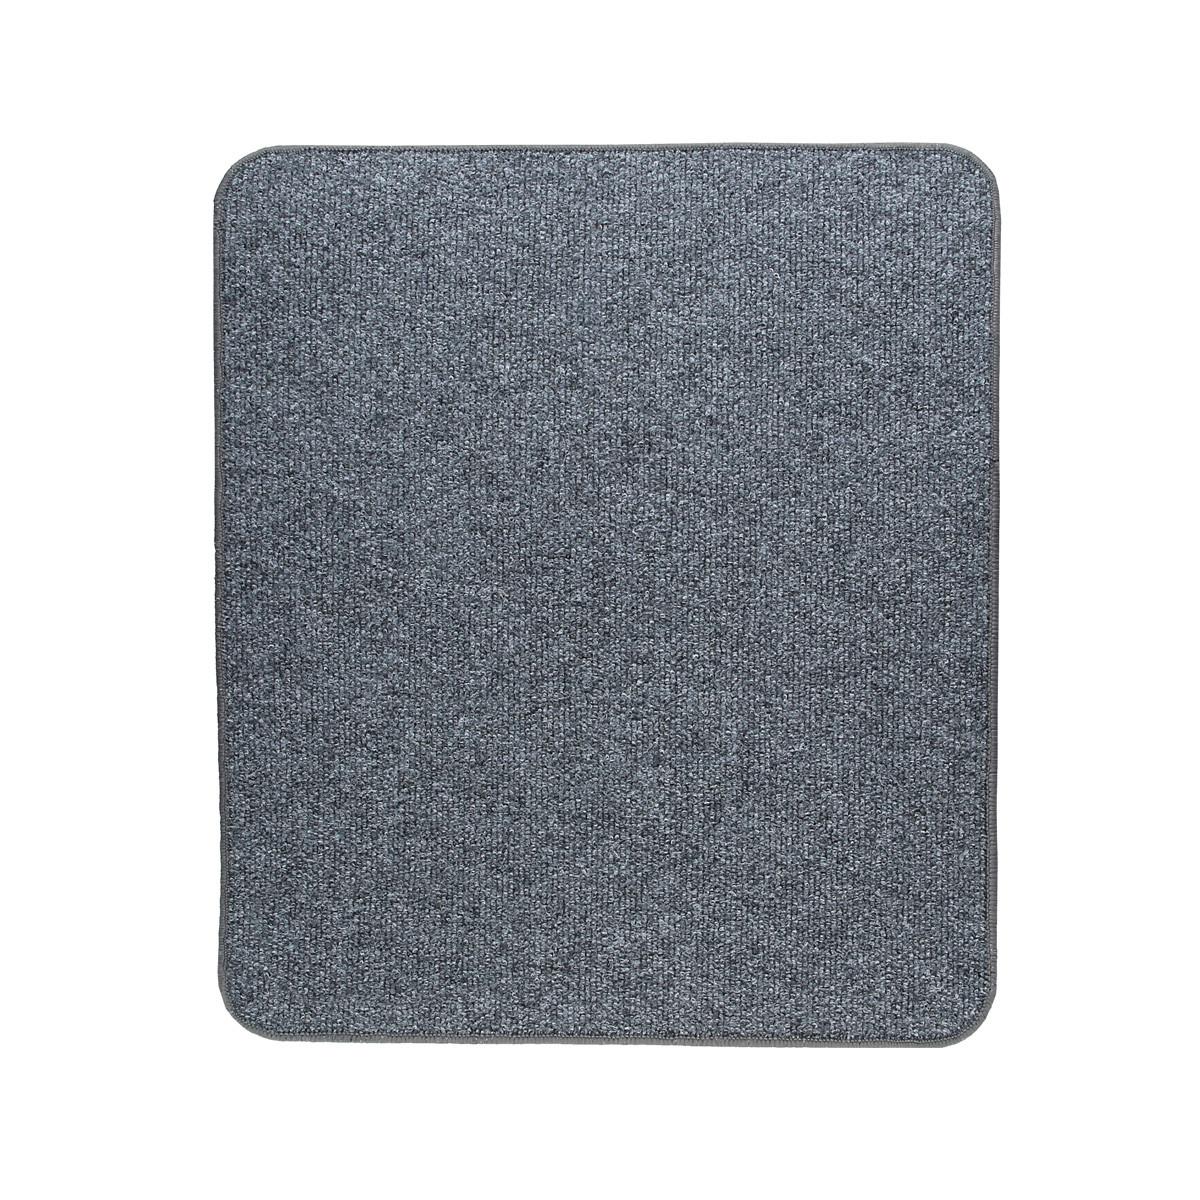 Электрический коврик с подогревом Теплик с термоизоляцией 50 х 60 см Темно-серый